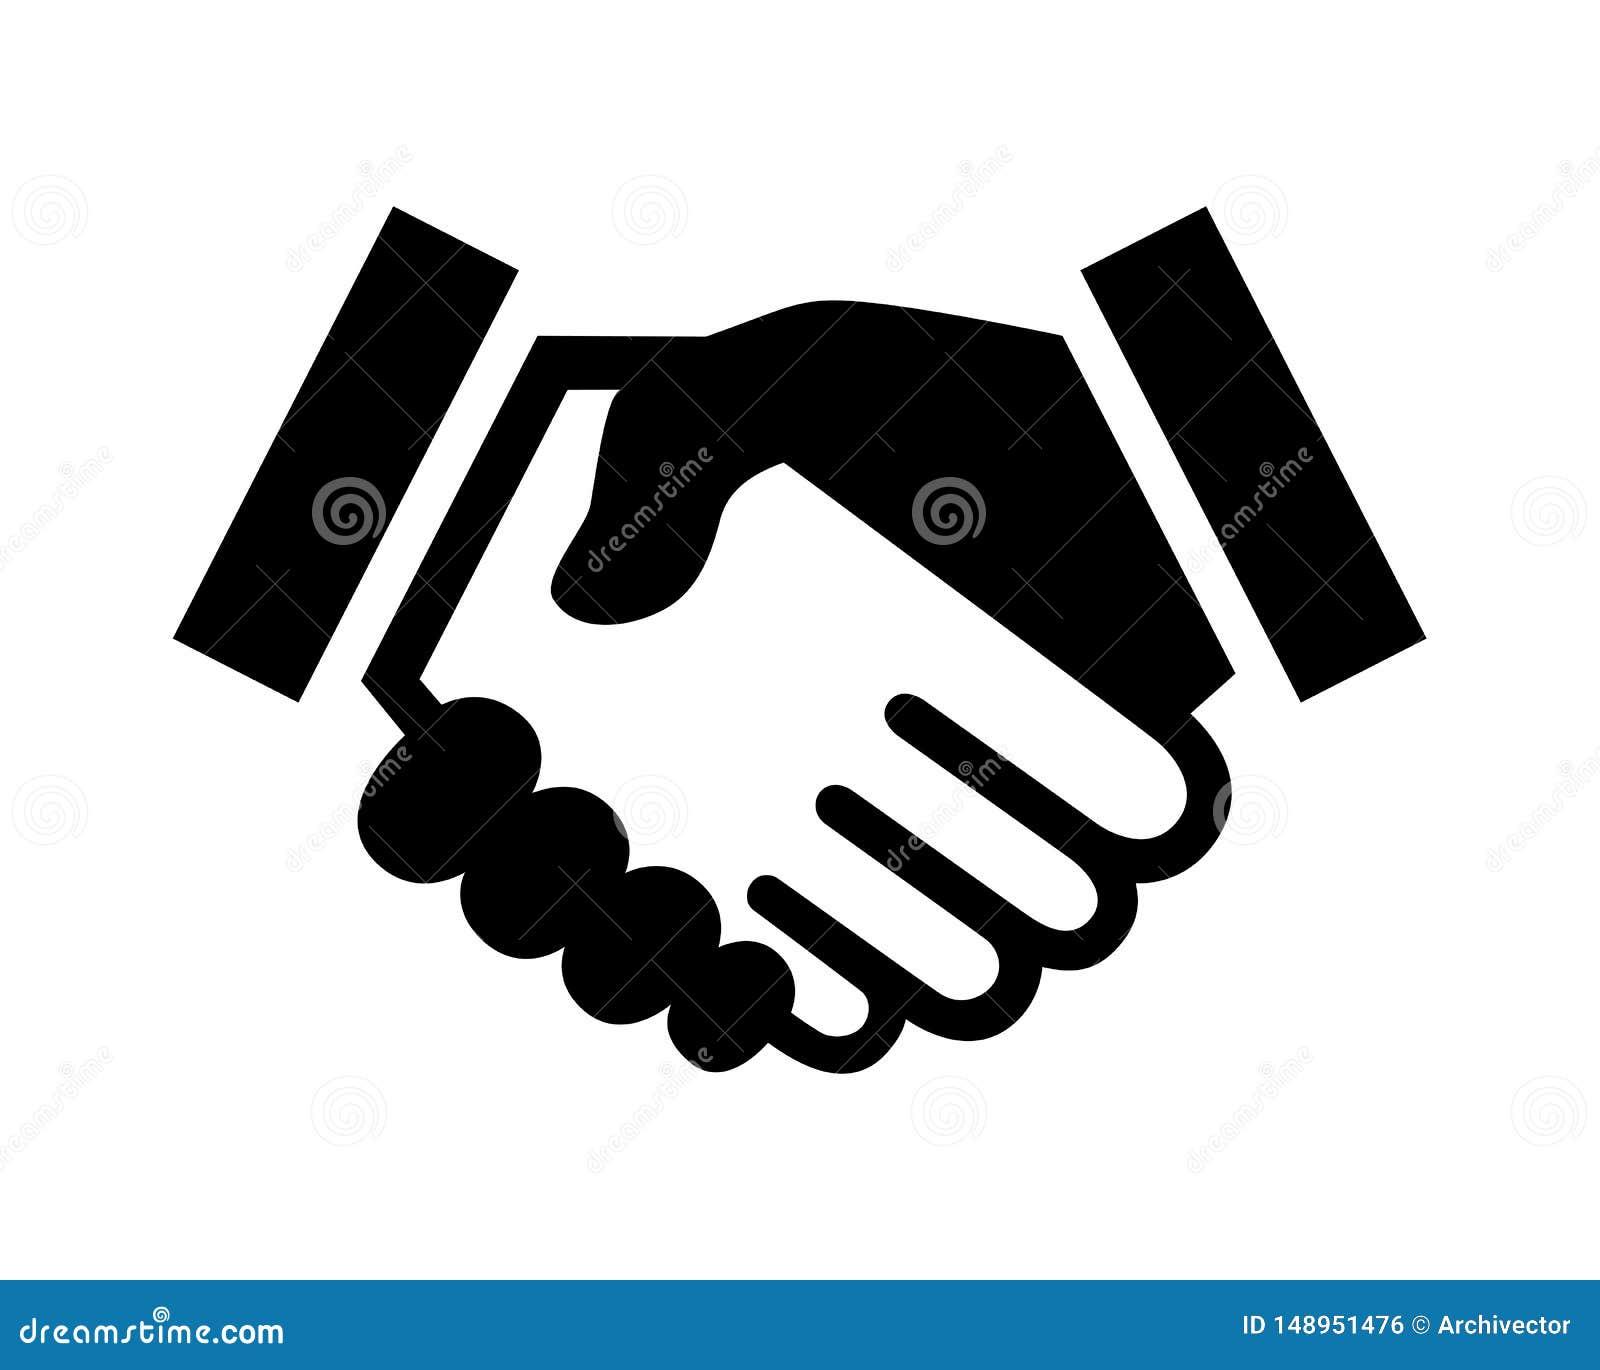 Bedrijfsovereenkomstenhanddruk of vriendschappelijke handdruk